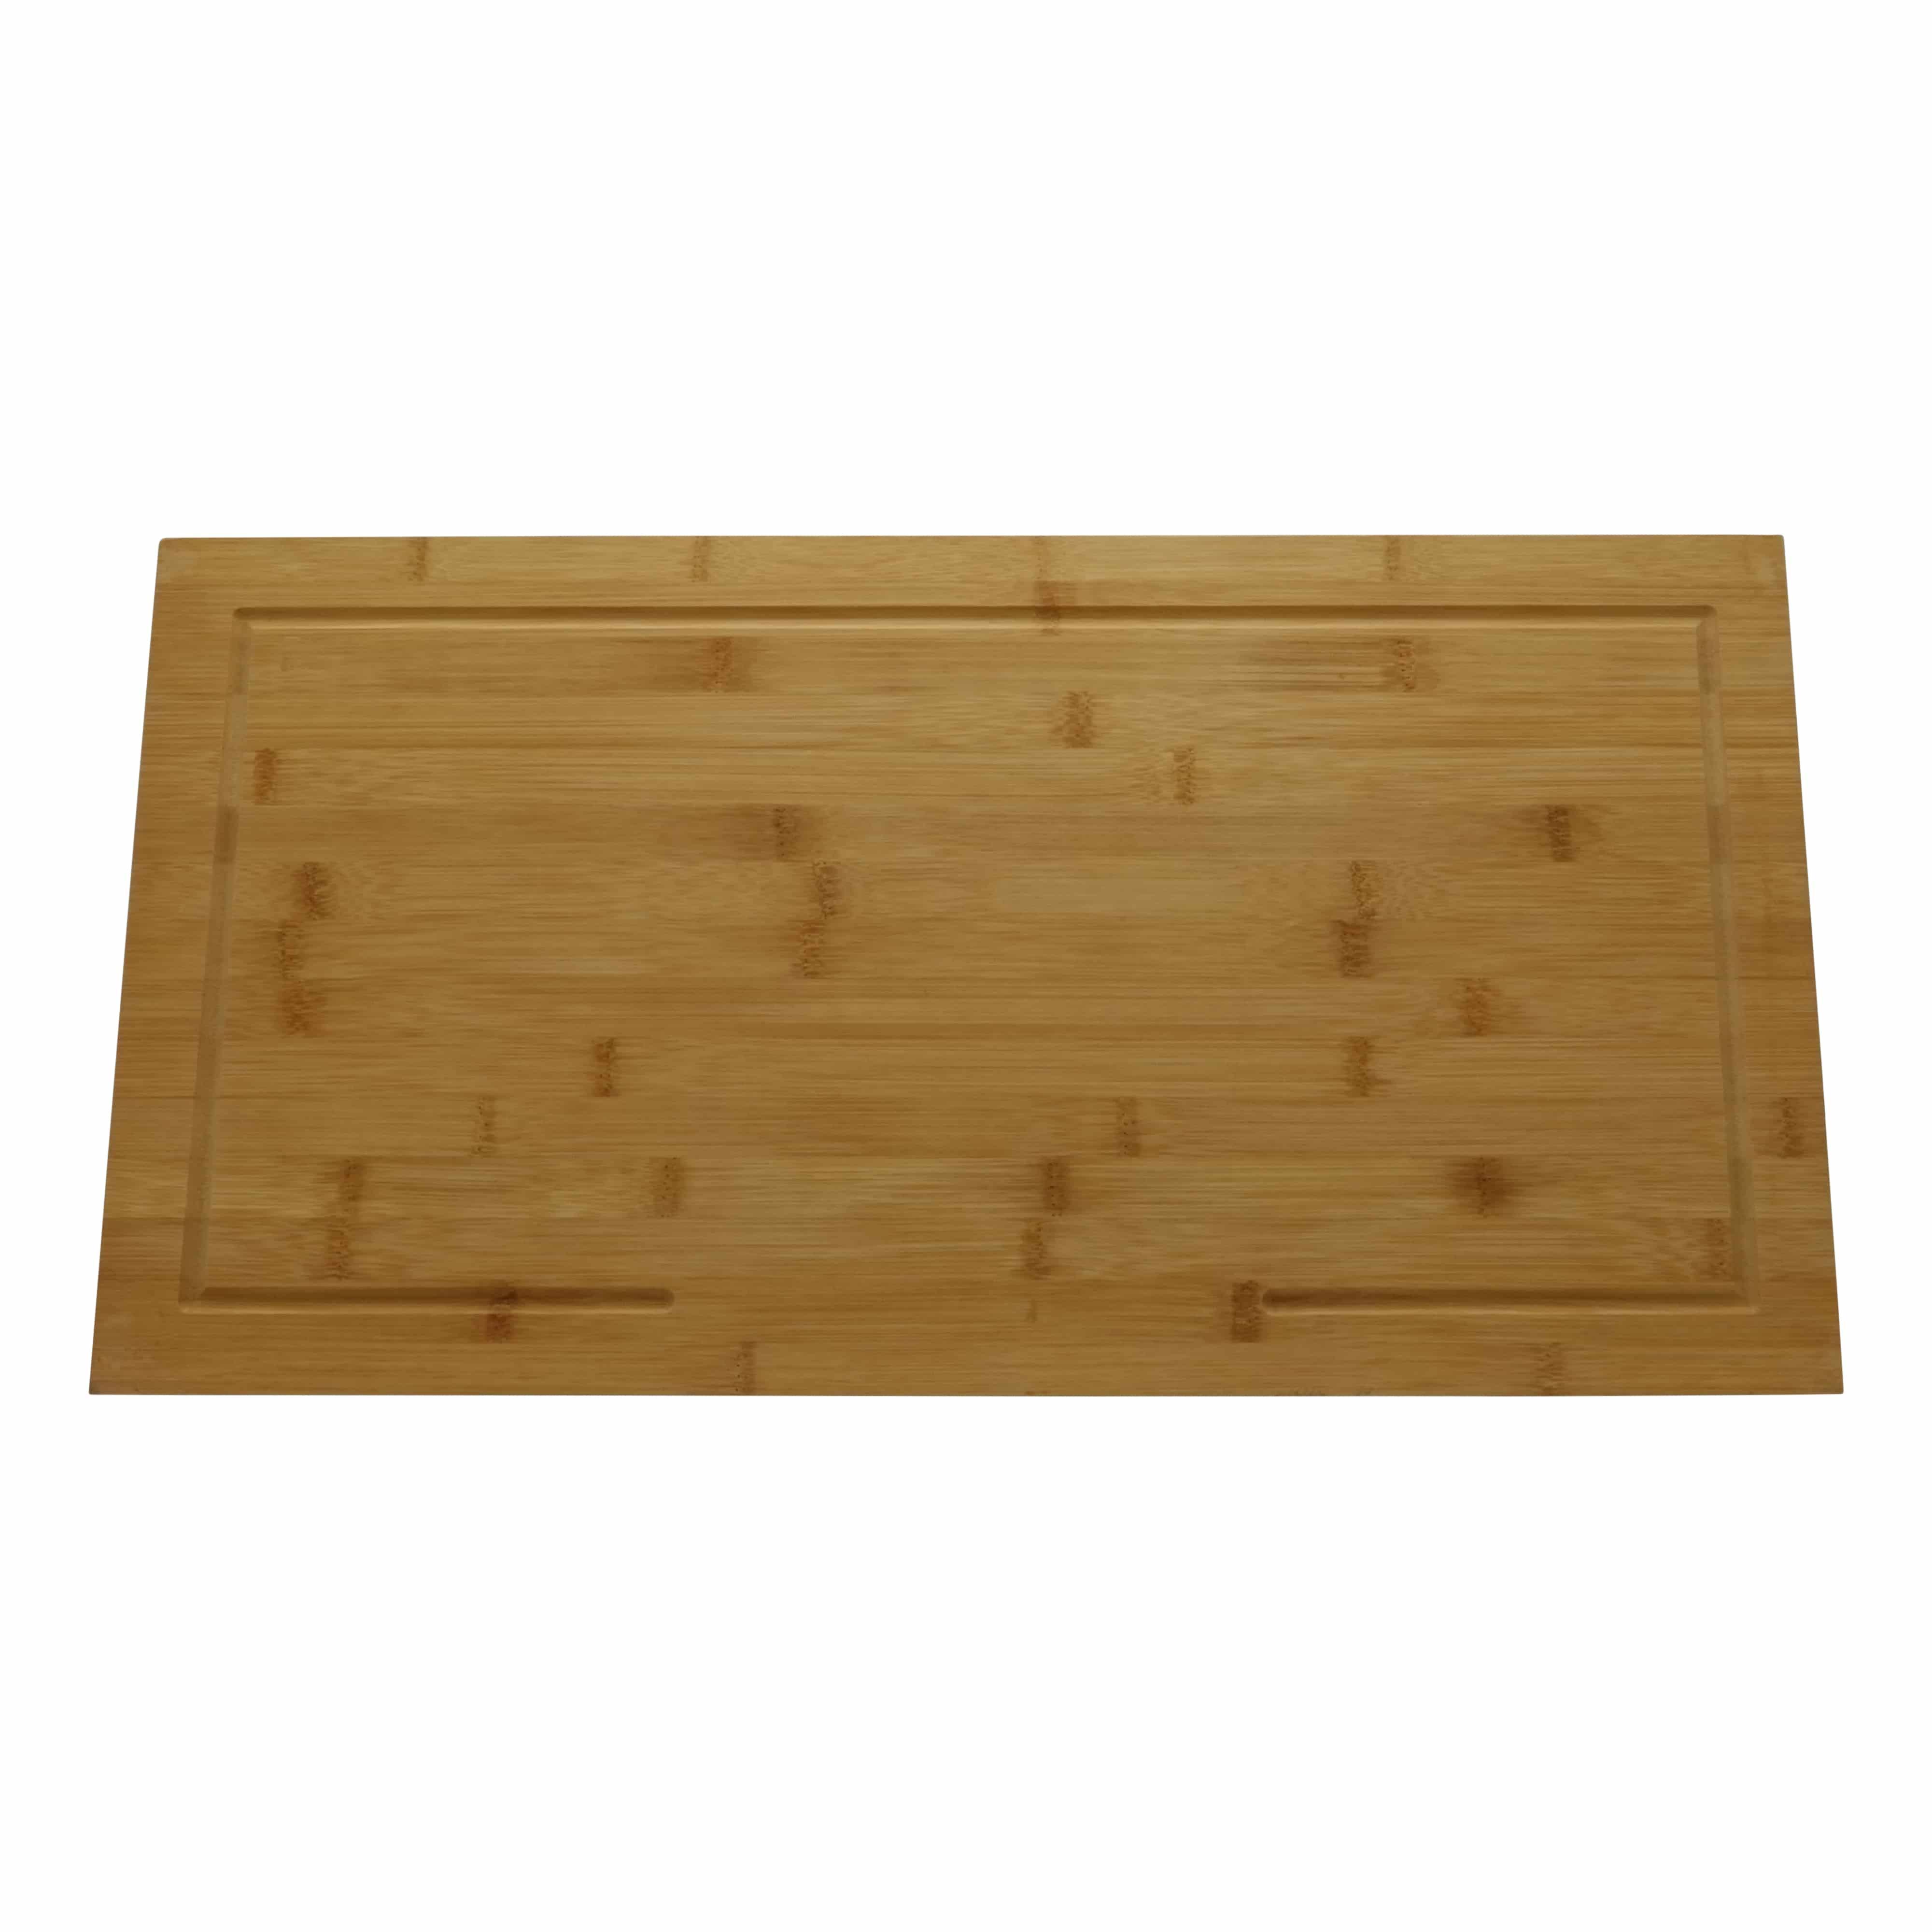 4cookz® Snijplank Verhoogd Bamboe en afdekplaat 52x28x4,3cm